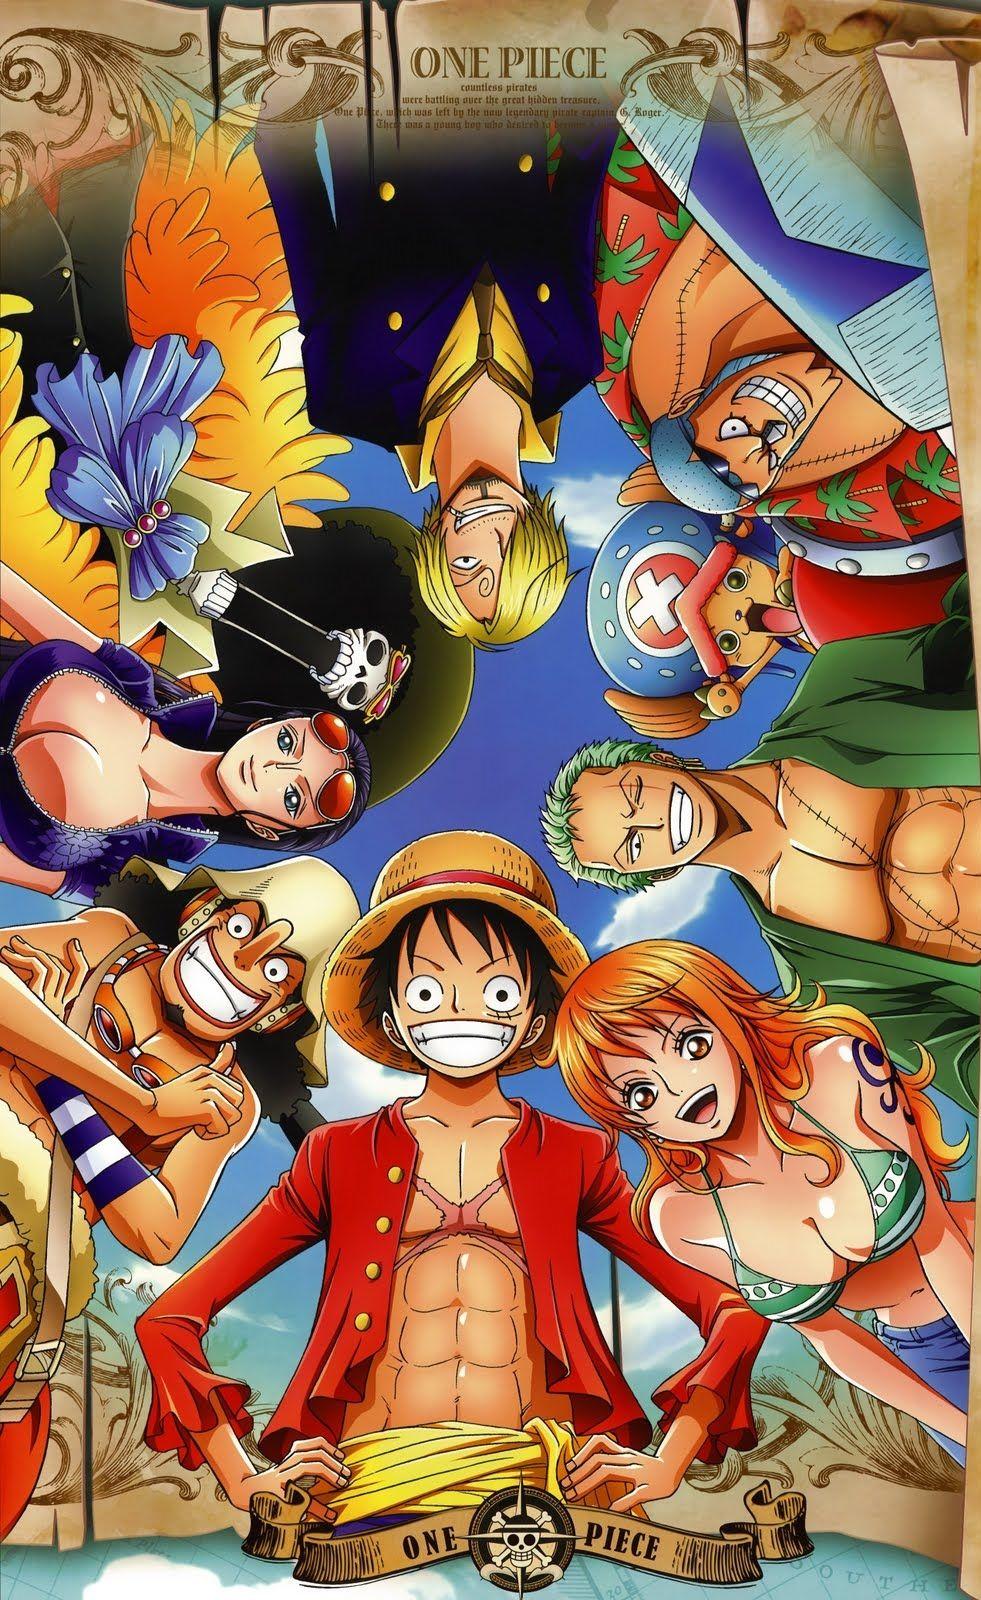 One Piece วันพีช ภาค 116 (มีรูปภาพ) อะนิเมะ, รูปทีม